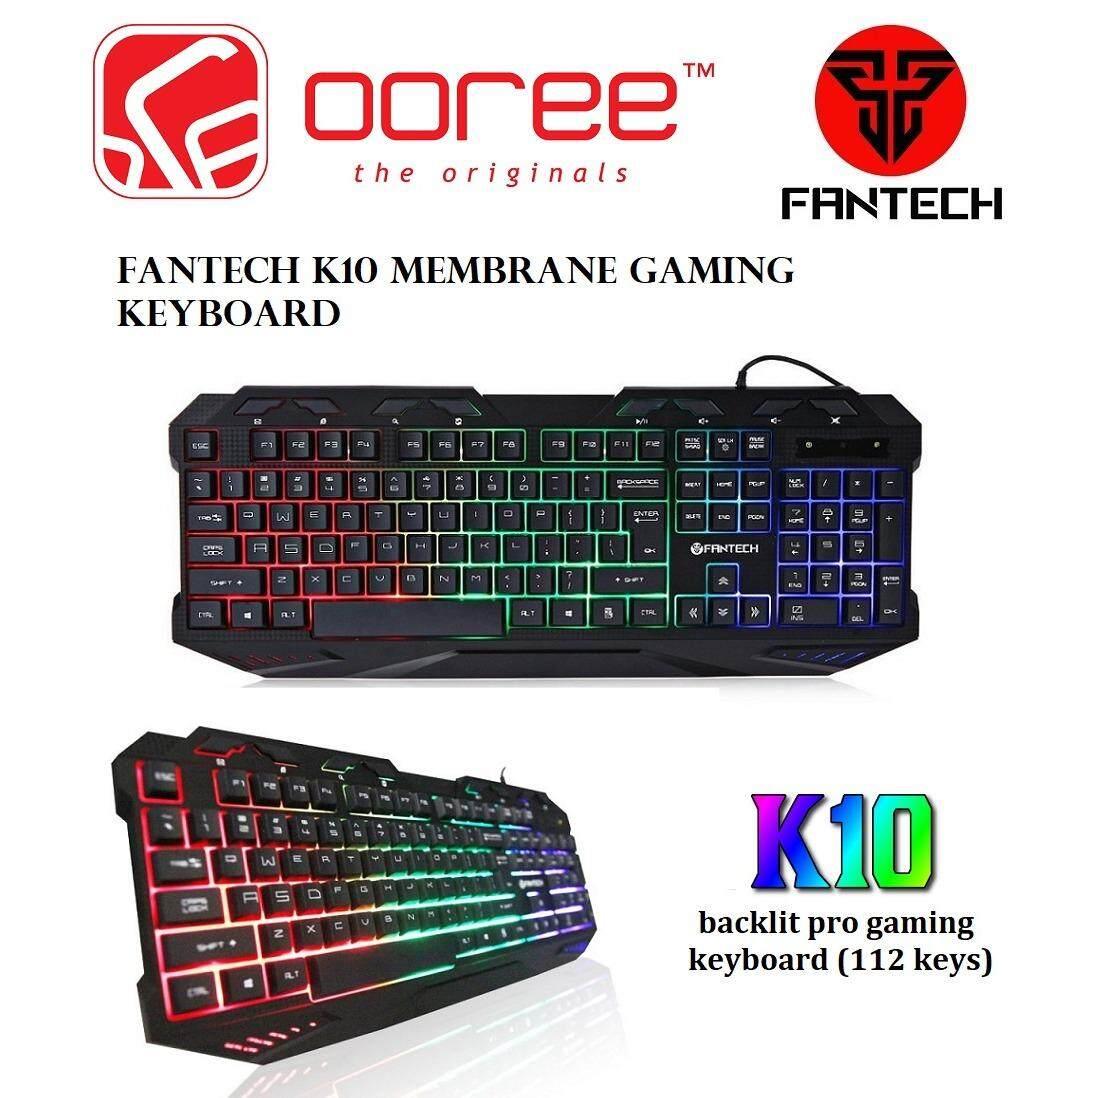 Cek Harga Fantech Hellscream Gs201 Mobile Gaming And Music Speakers Speaker Gs 201 Genuine K10 Backlit Pro Membrane Keyboard 120 Keys